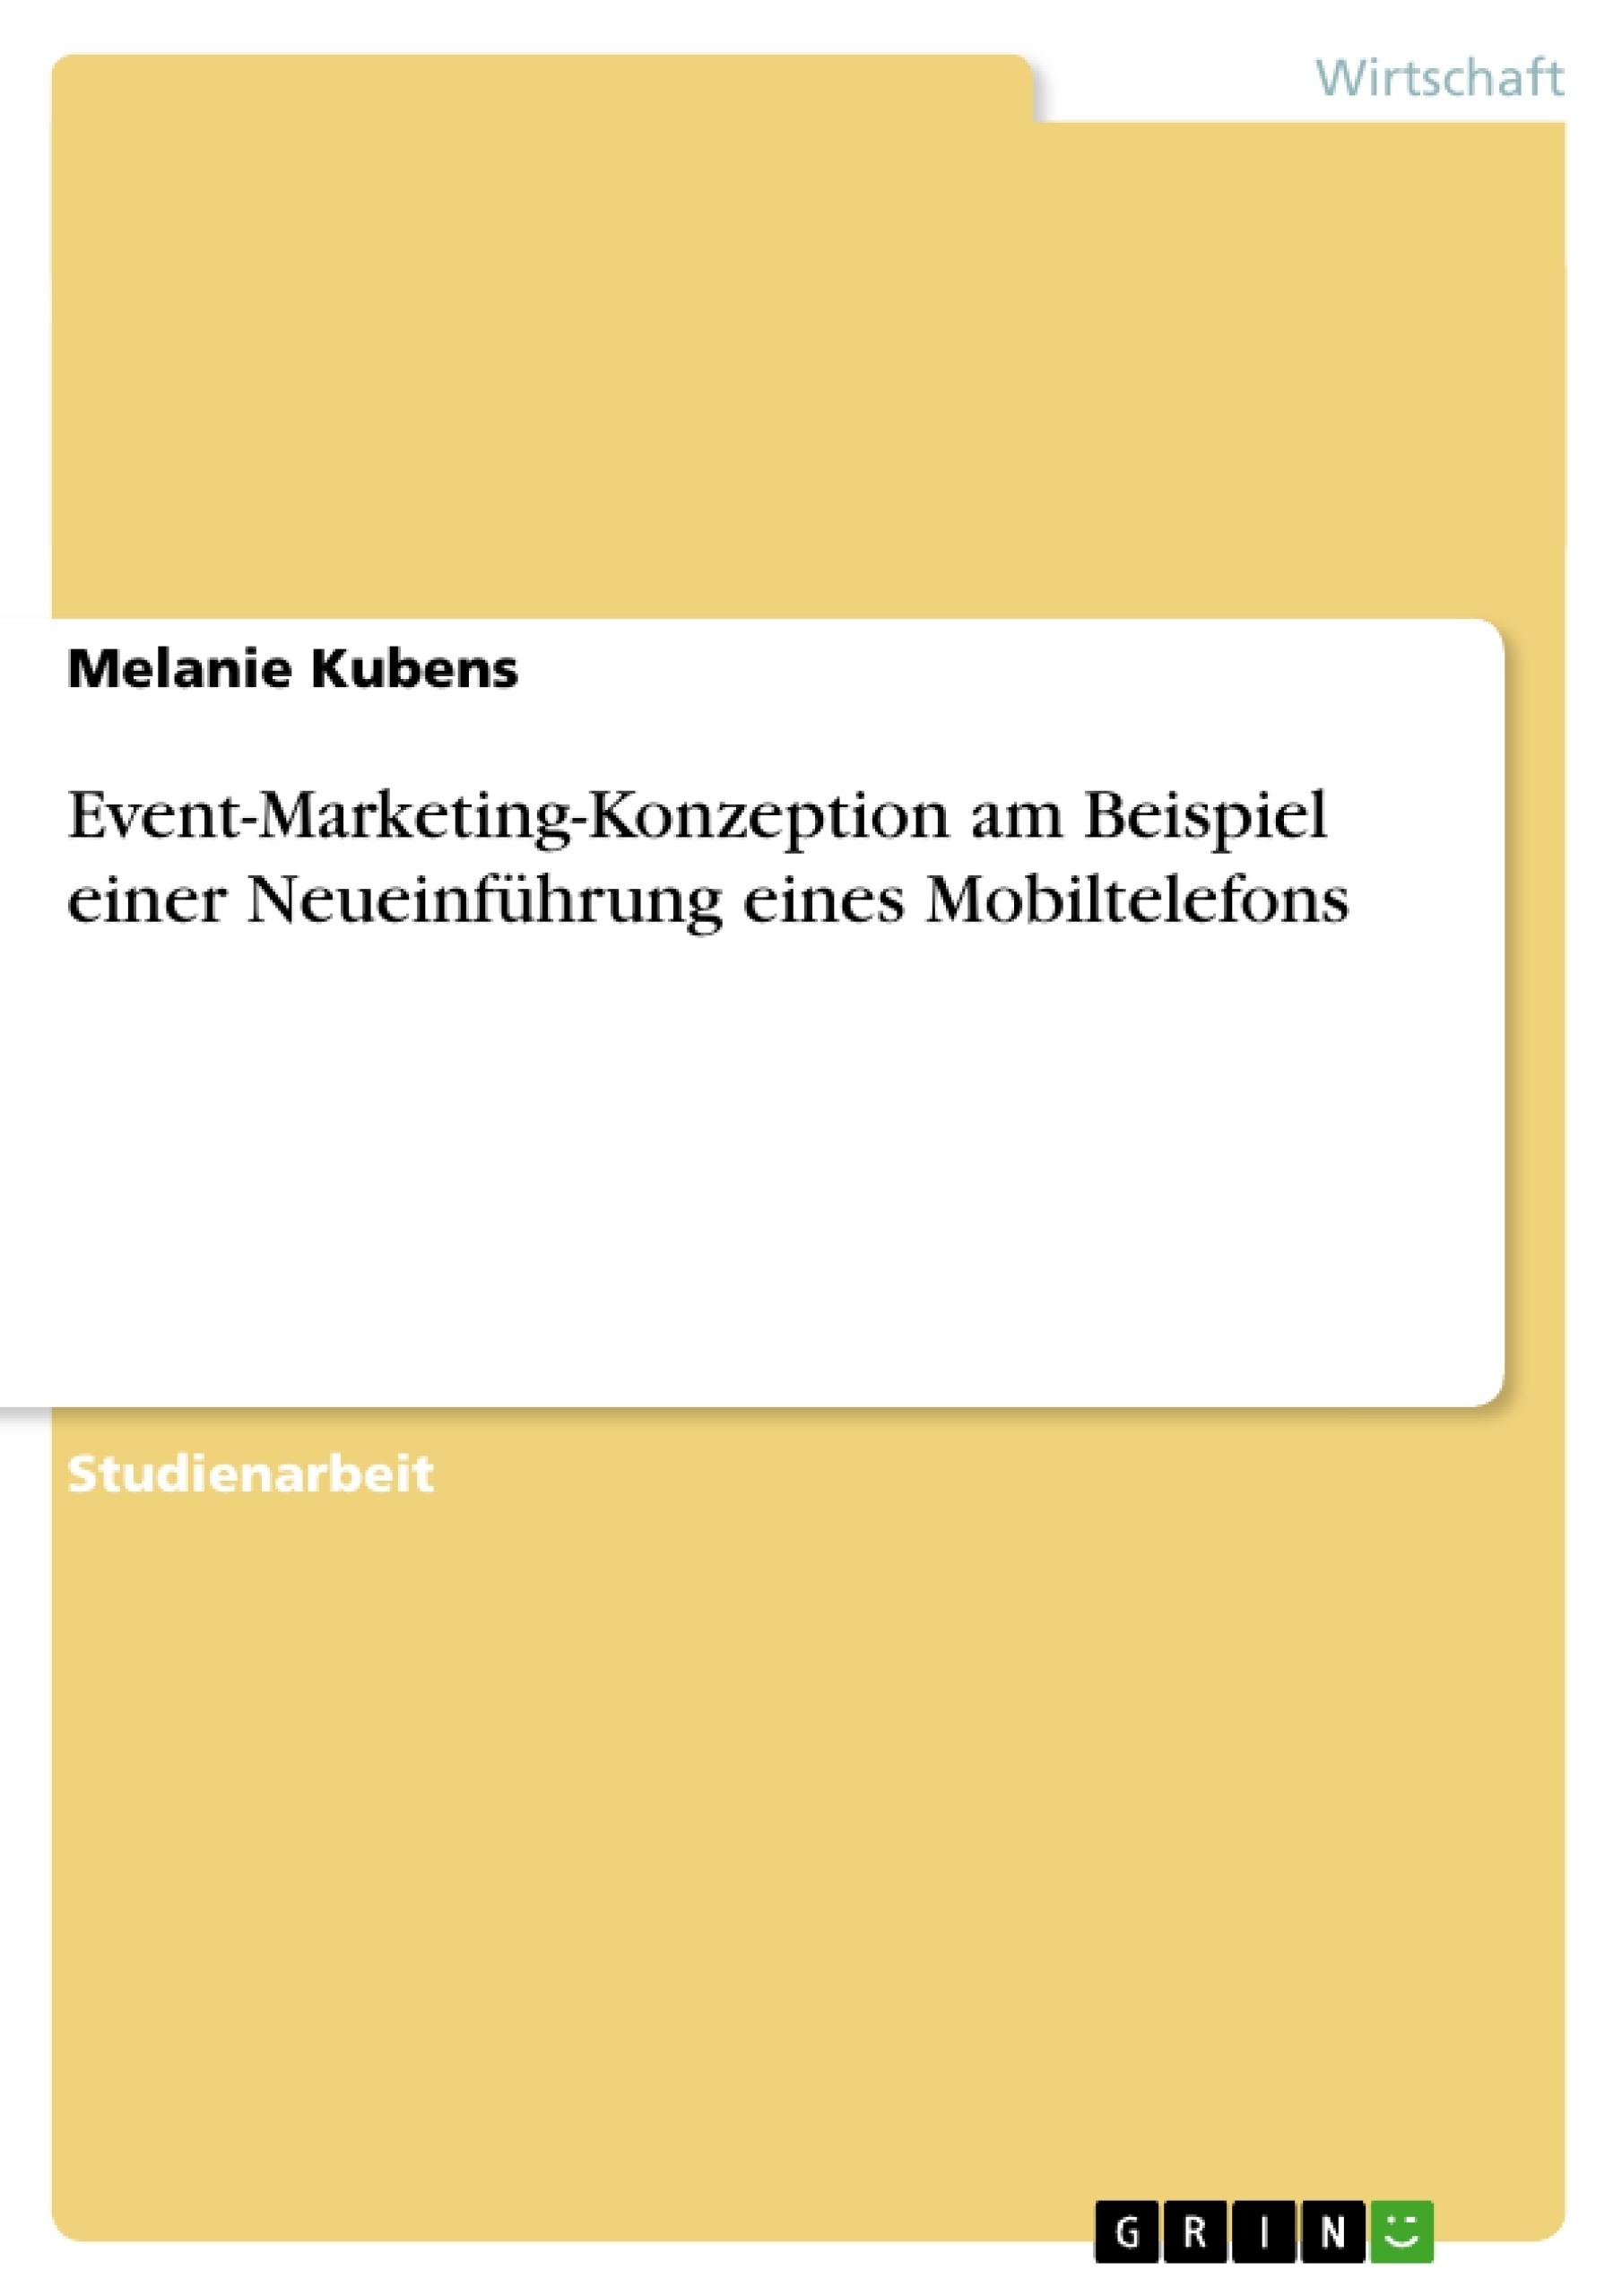 Titel: Event-Marketing-Konzeption am Beispiel einer Neueinführung eines Mobiltelefons